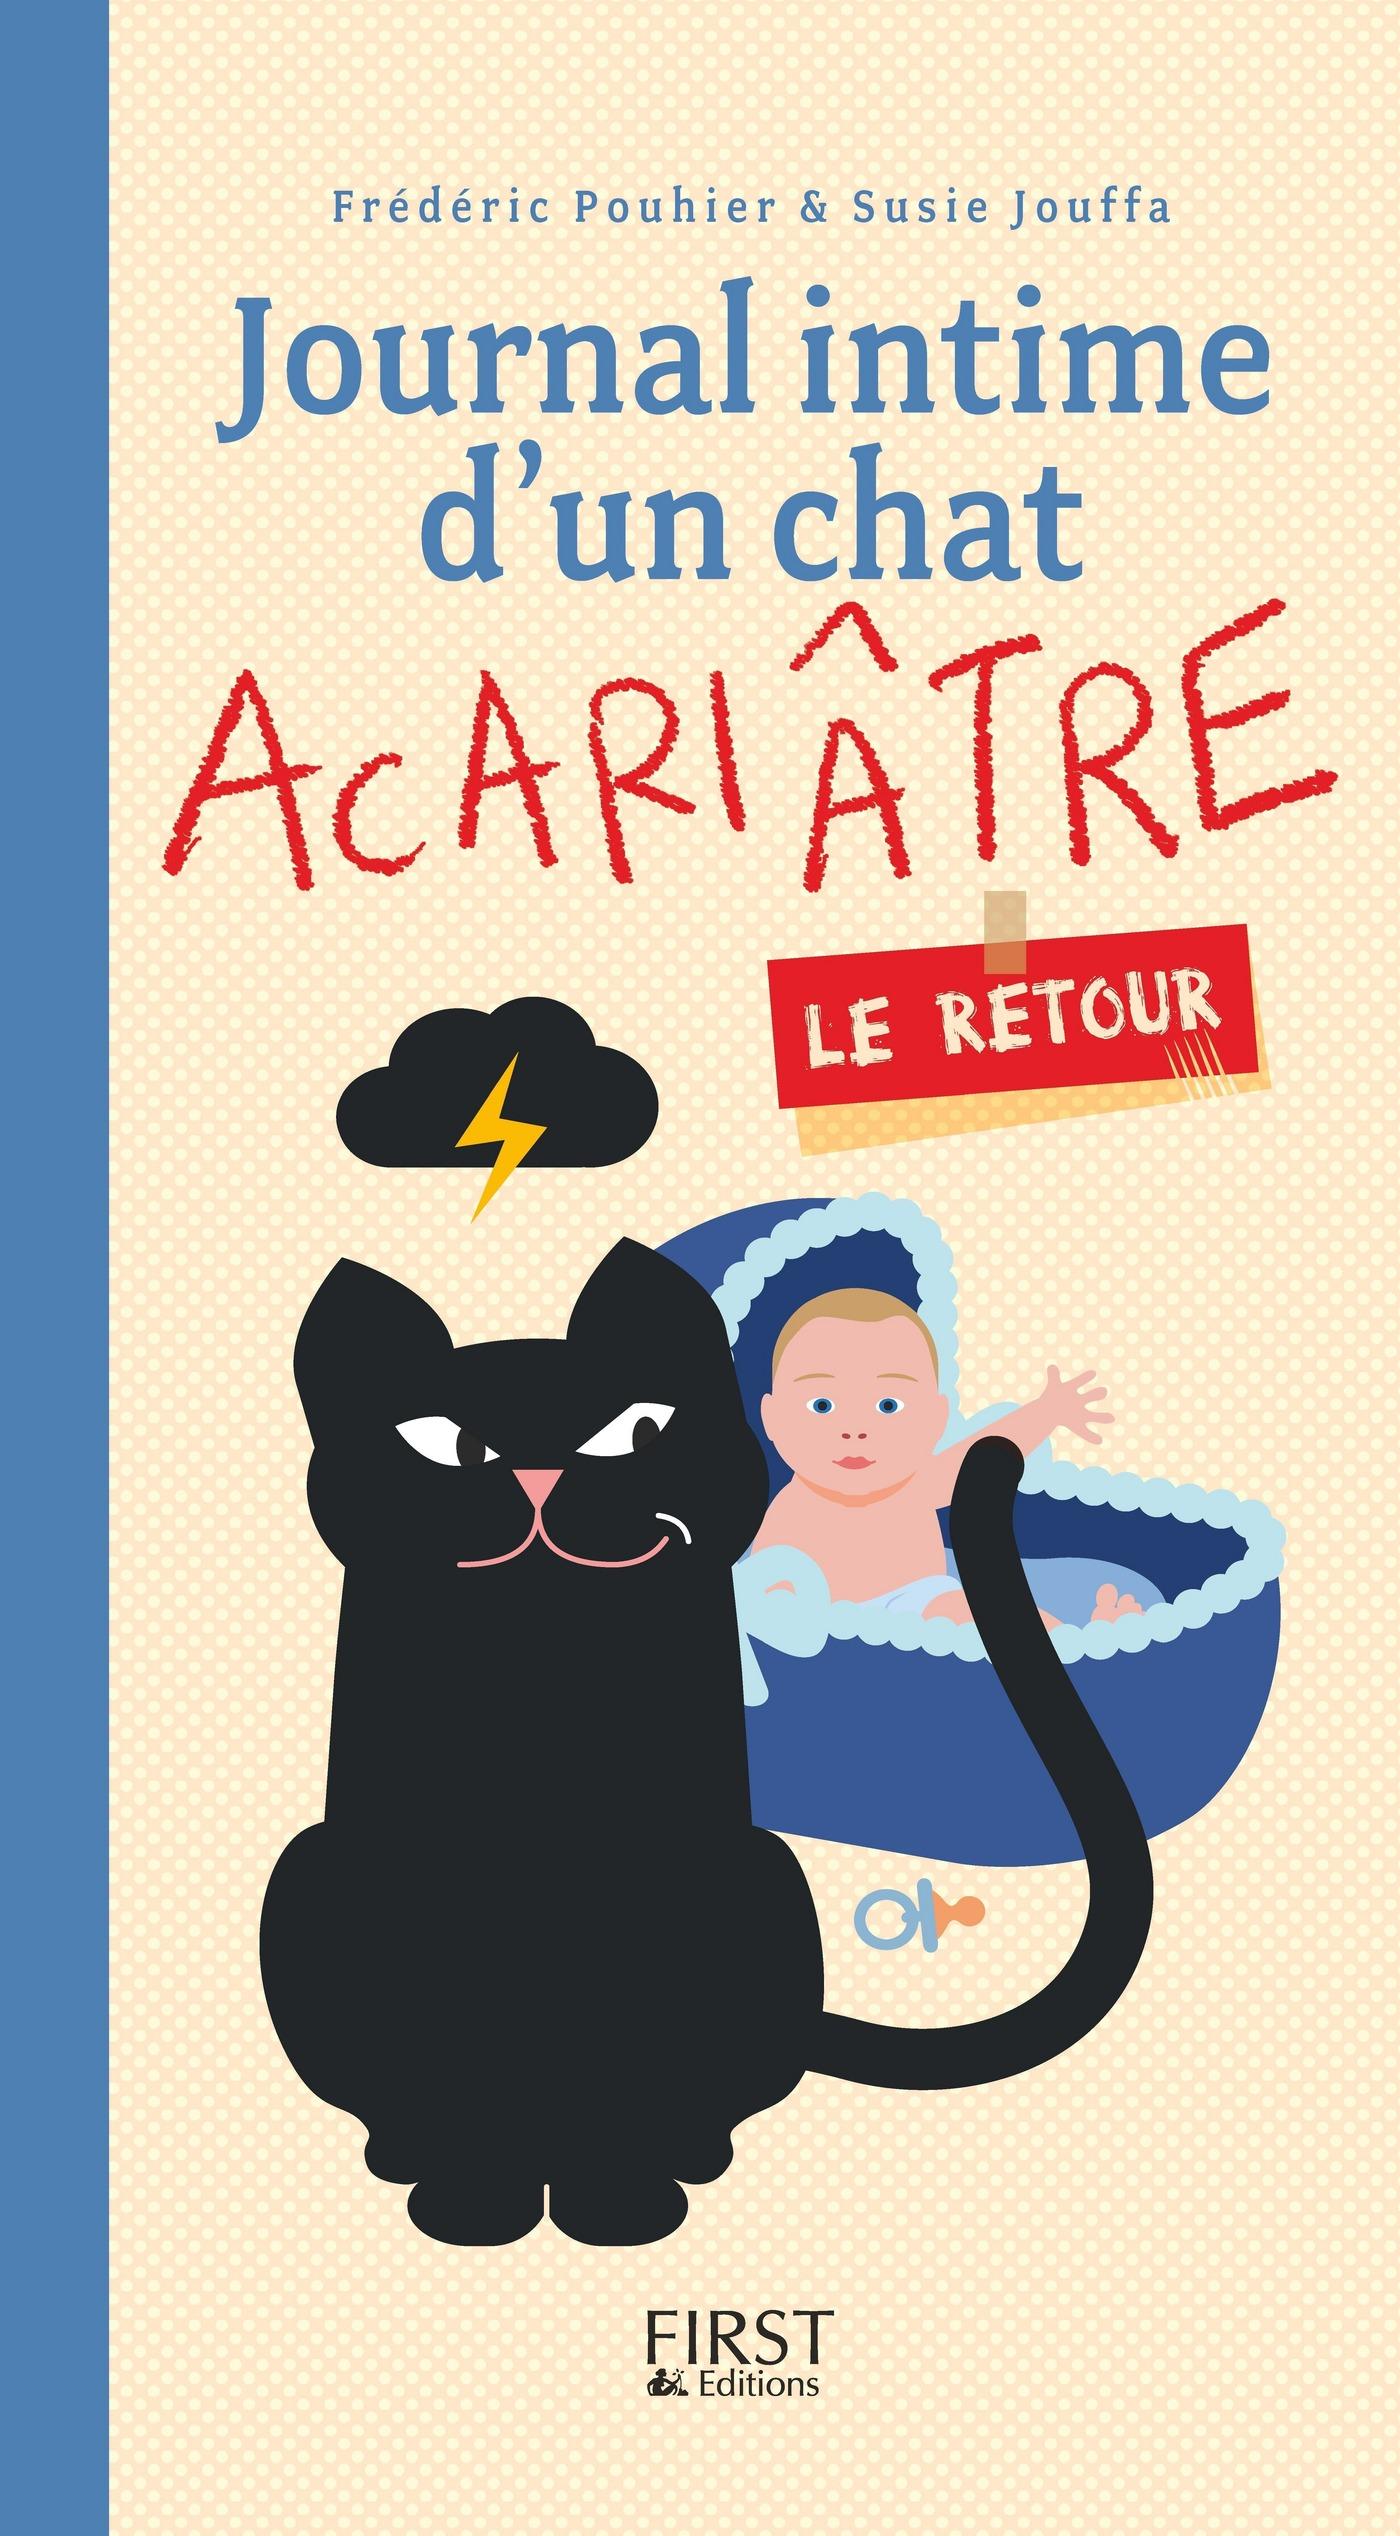 Couverture : Journal intime d'un chat acariâtre : le retour Frédéric Pouhier, Susie Jouffa